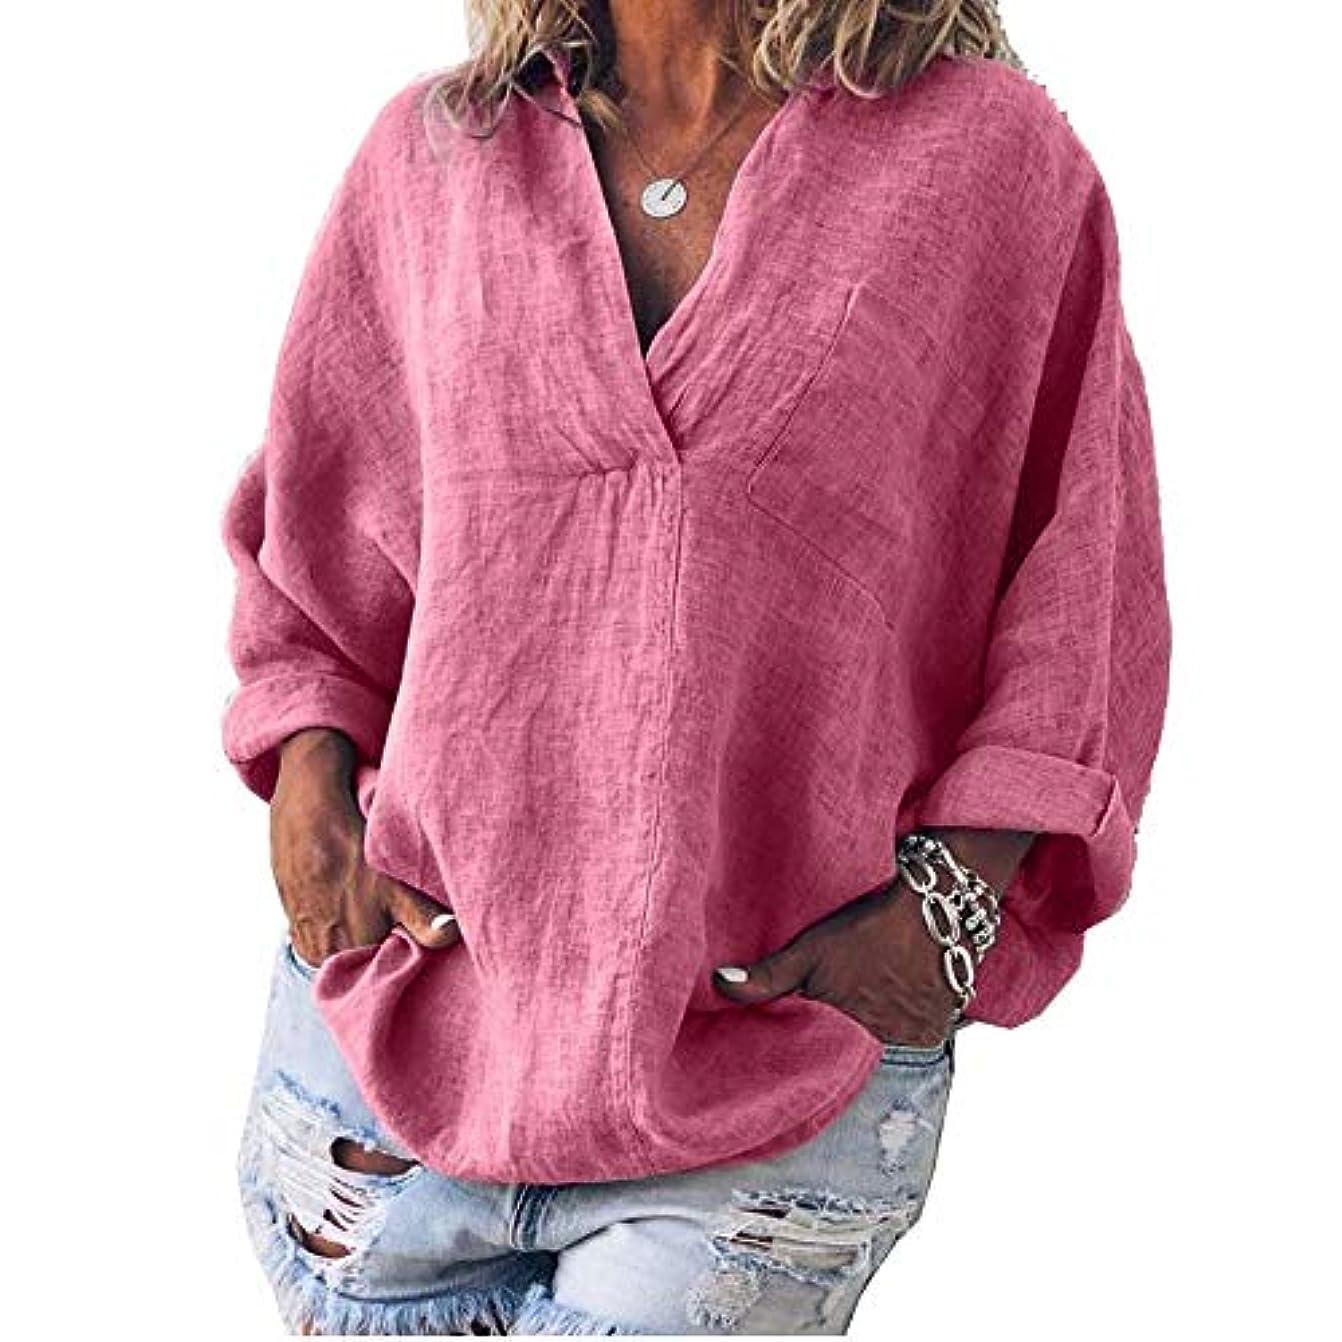 シャイニングマニアック不健全MIFAN女性ファッション春夏チュニックトップス深いVネックTシャツ長袖プルオーバールーズリネンブラウス